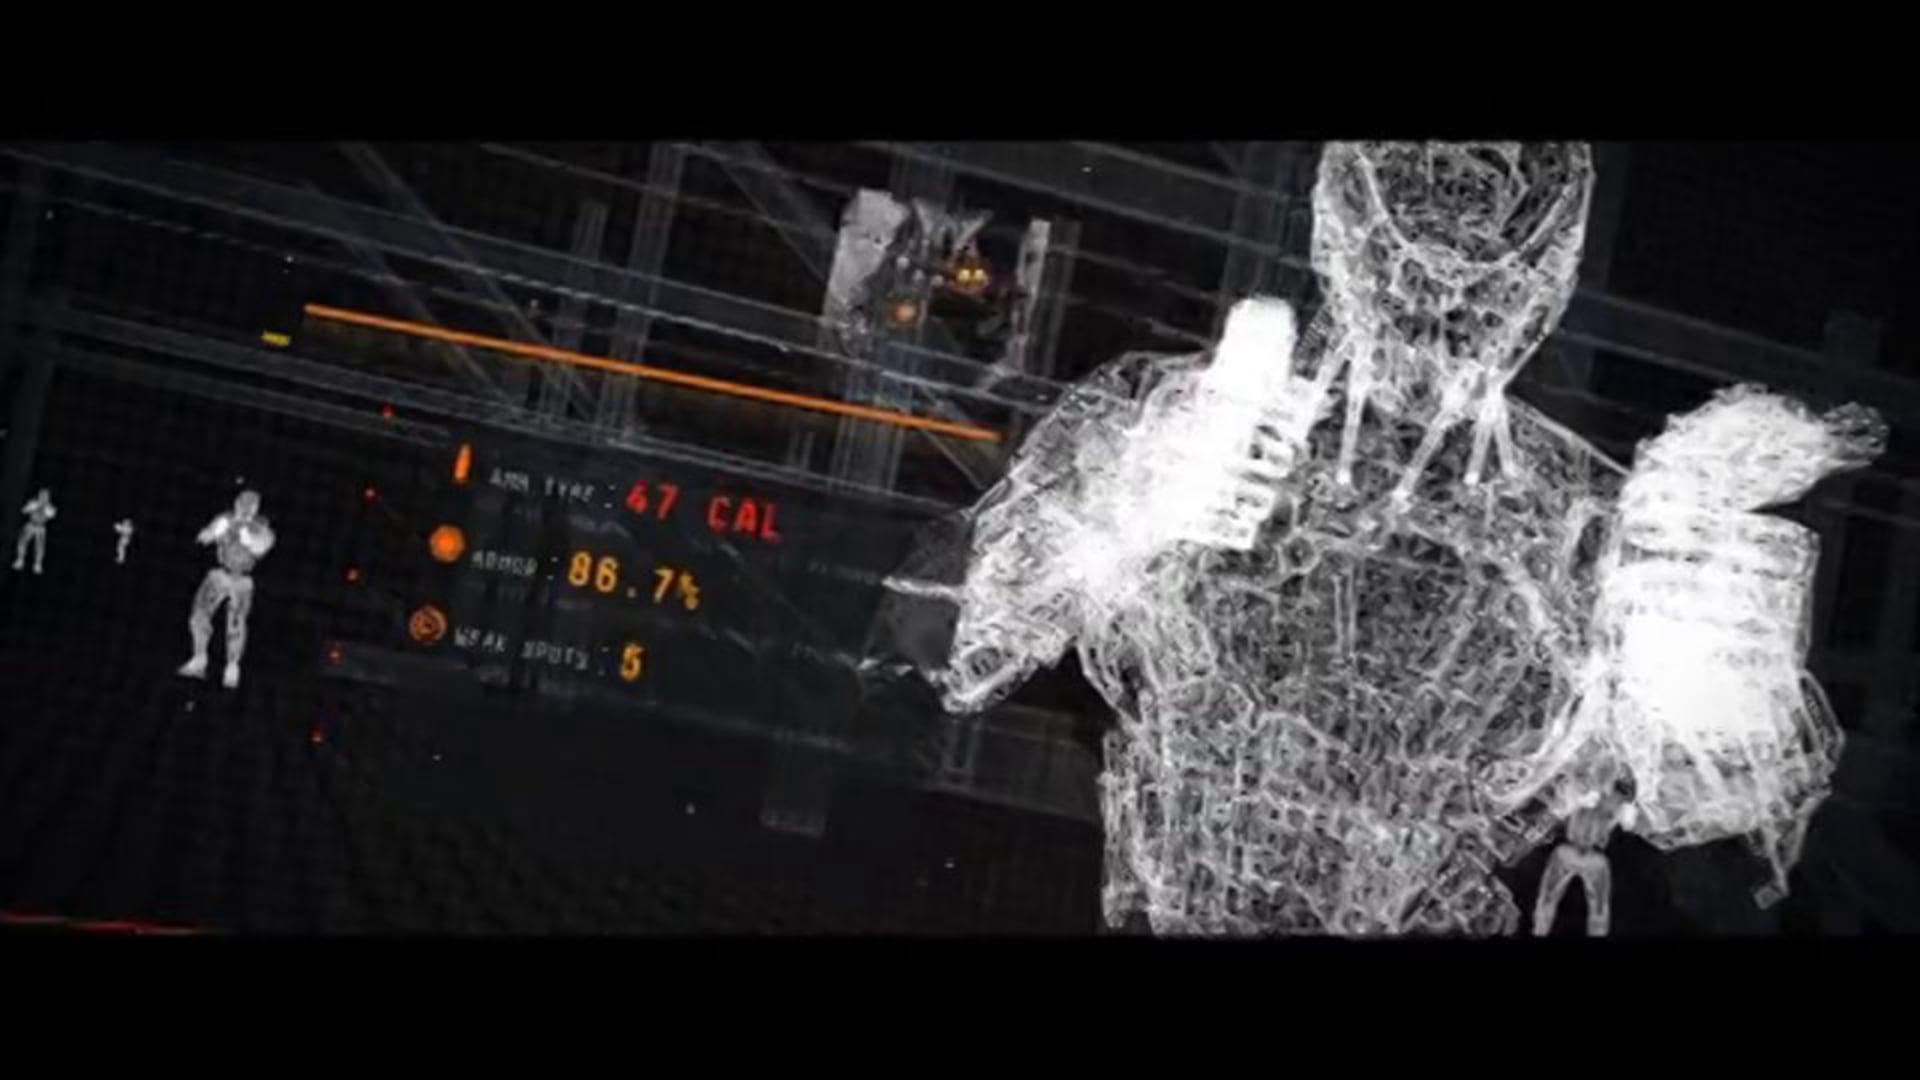 Robocop (2014) Montage (UI + HUD + Screen VFX